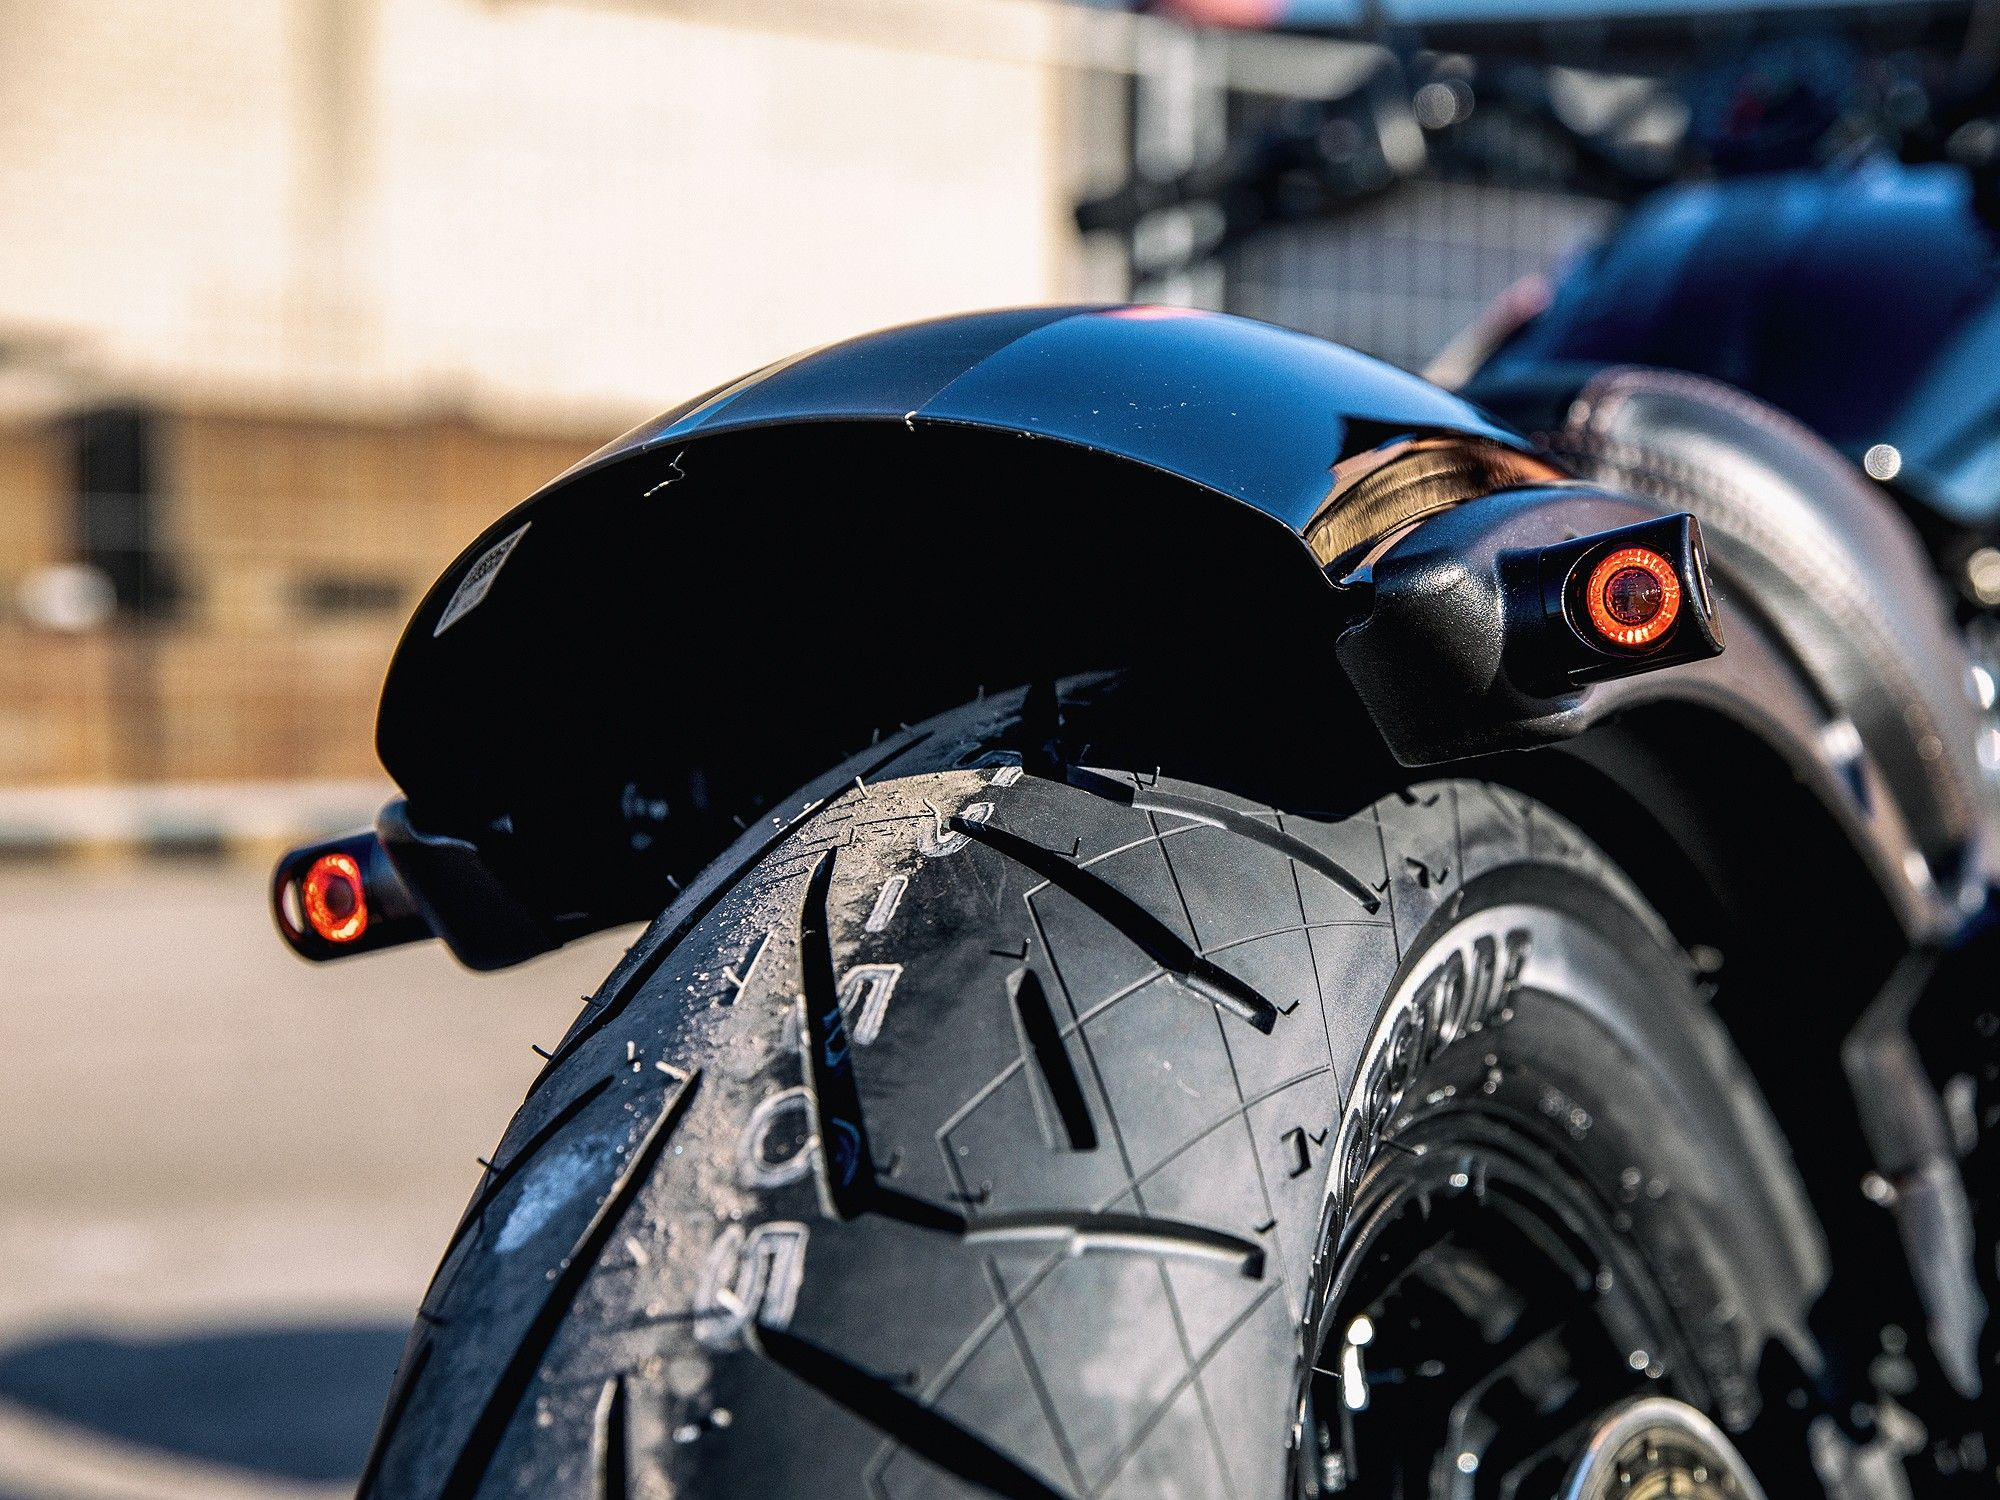 Led Rucklicht Kombi Mit Blinker Fur Motorrad Fender 3 In 1 Led Brems Und Rucklicht Mit Integrierter Blinker Funktion Montie In 2021 Indian Scout Cnc Frasen Motorrad [ 1500 x 2000 Pixel ]